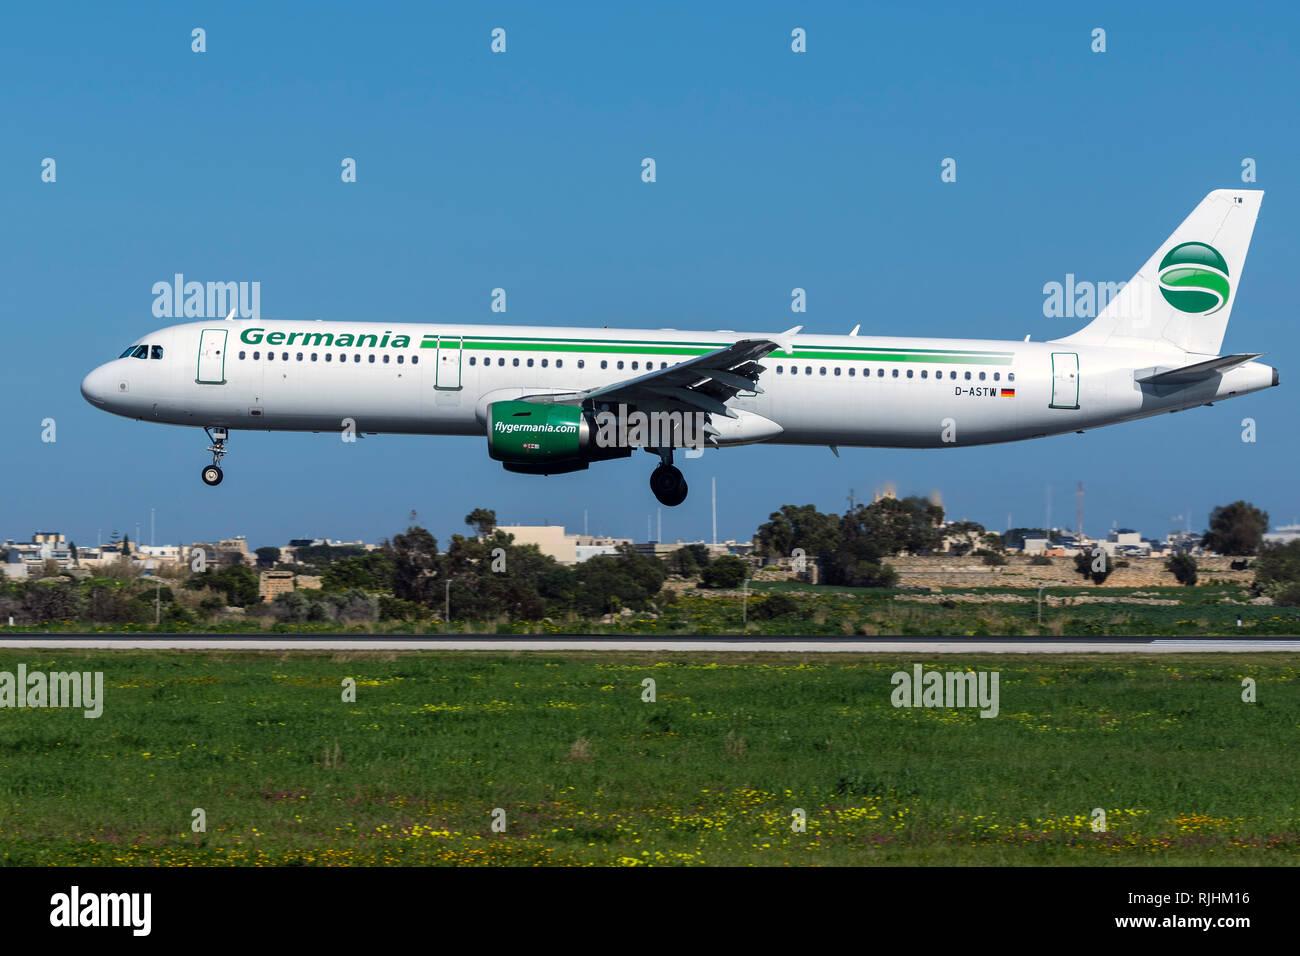 Germania Airbus A321-211 (REG: D-ASTW) pista di atterraggio 31, operando l'ultimo volo per MLA prima di andare in fallimento. Immagini Stock